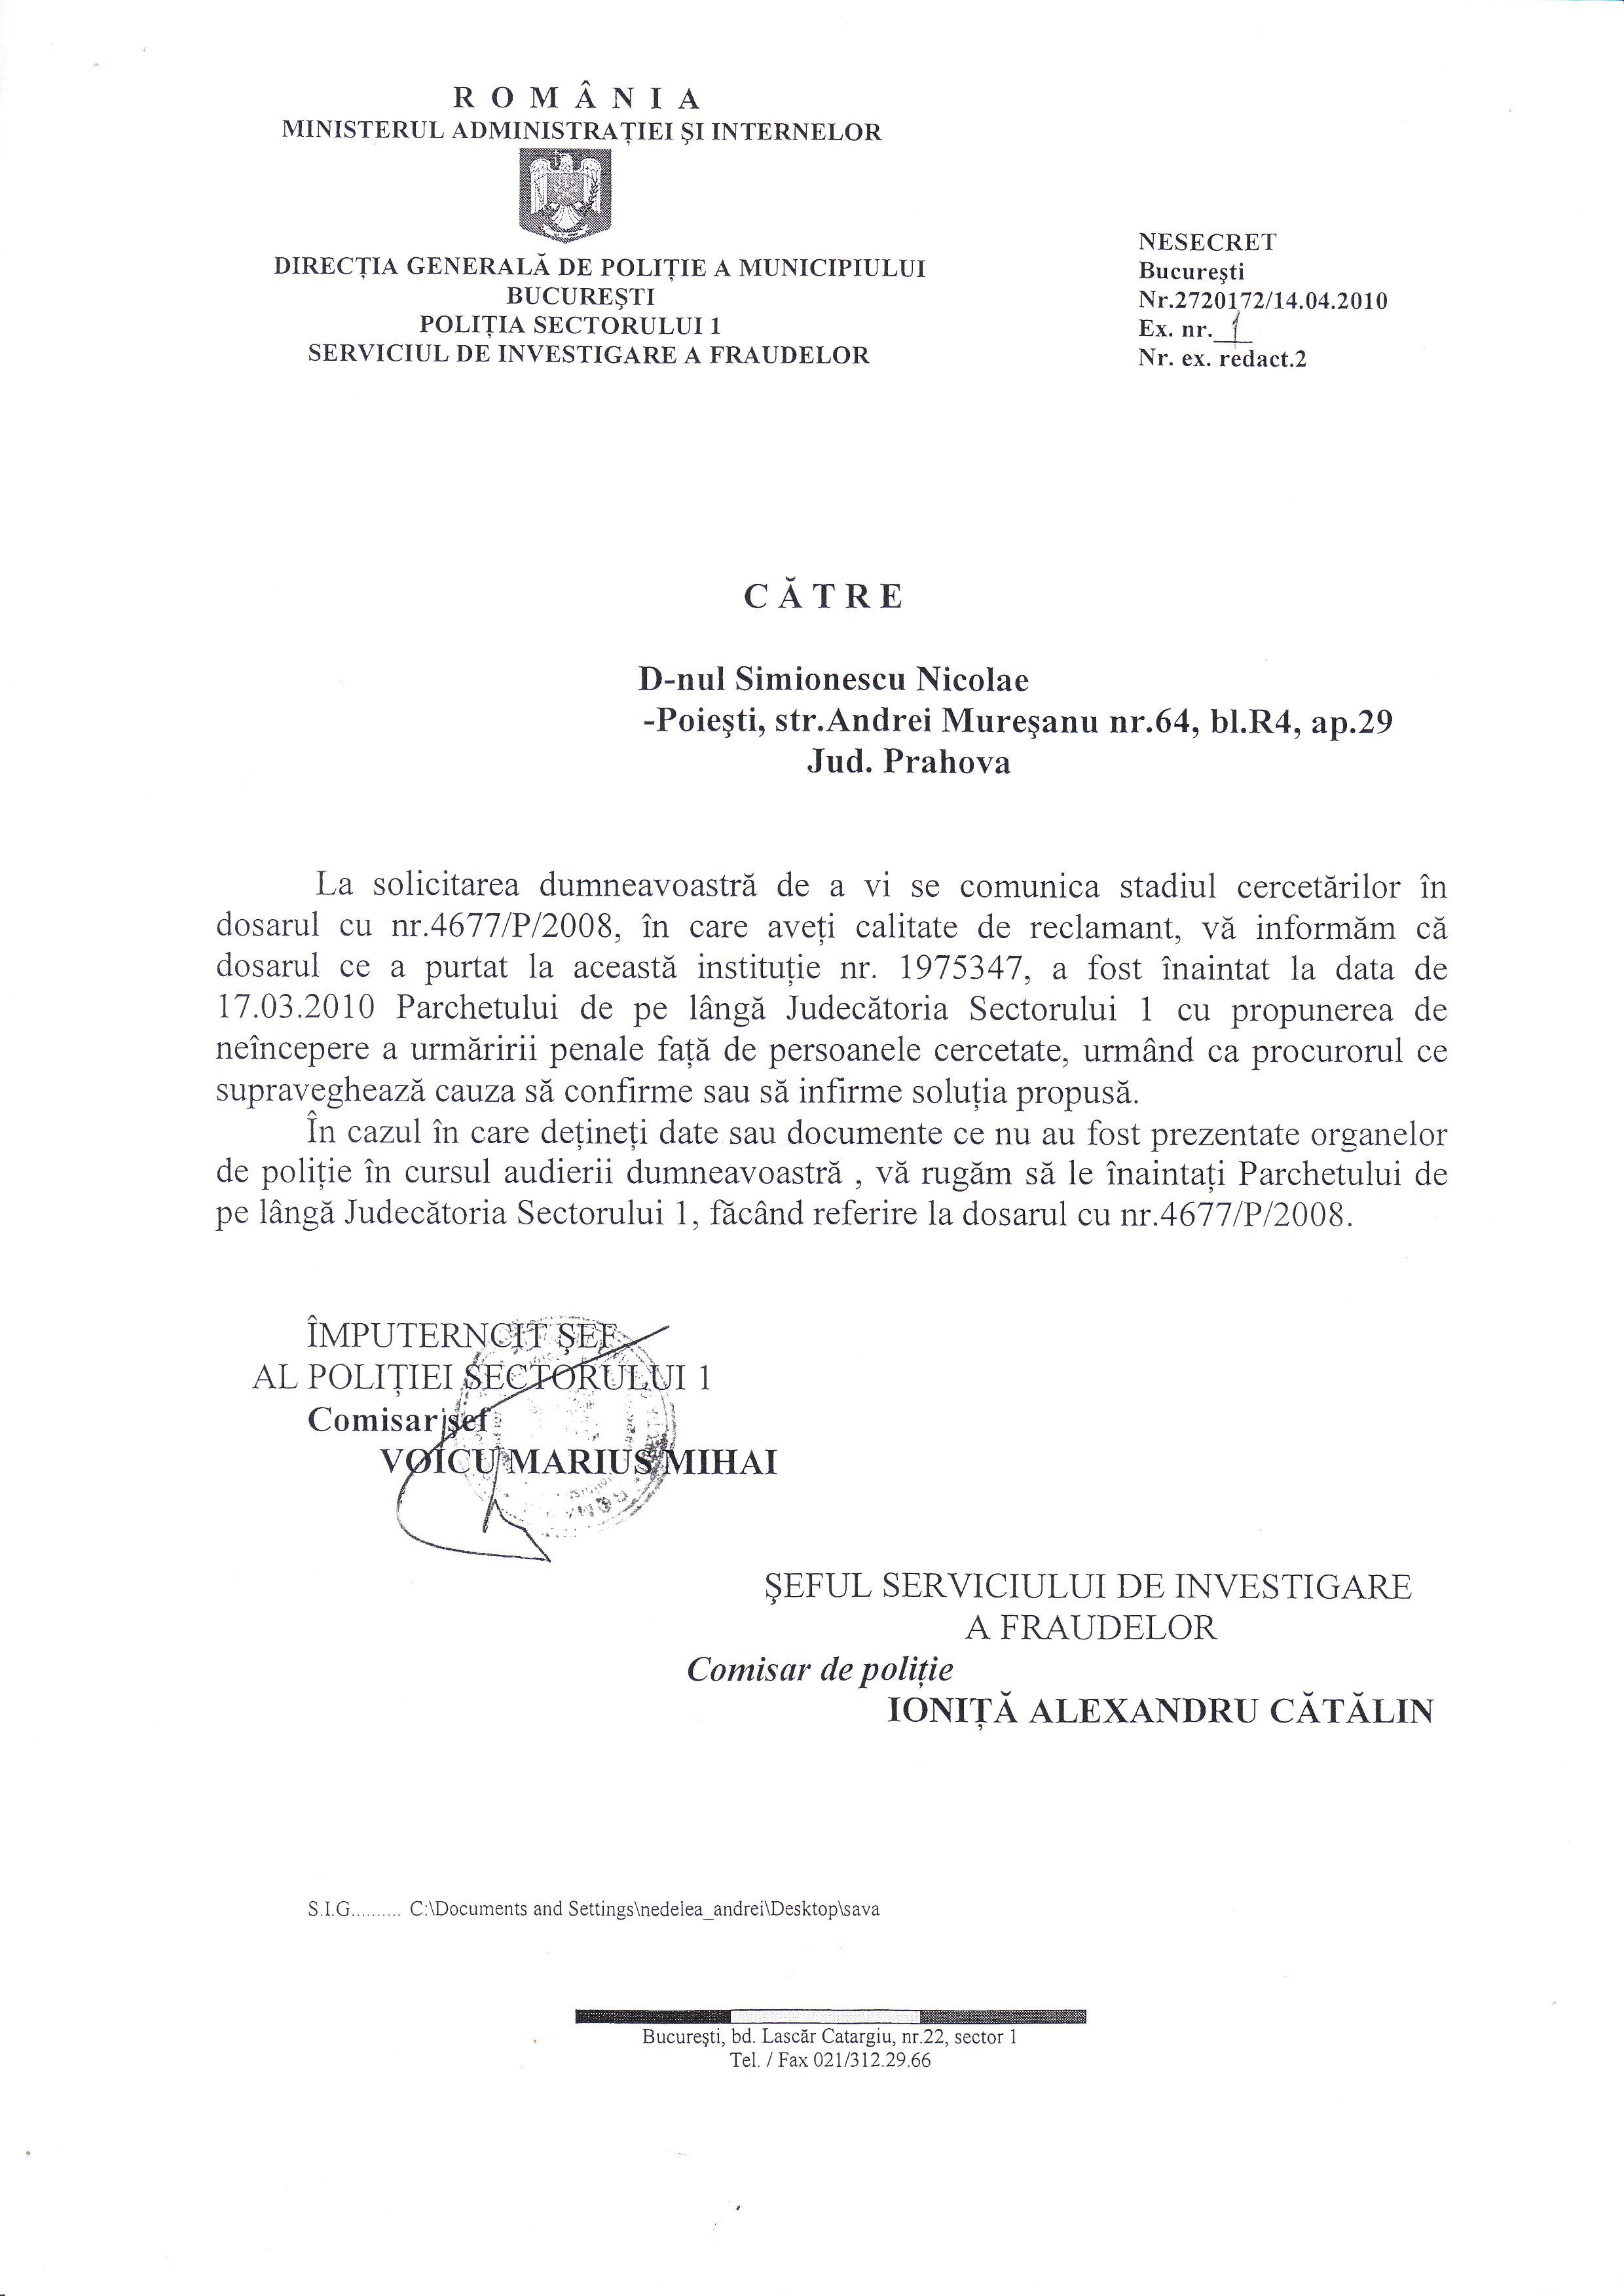 model adresa oficiala catre o institutie